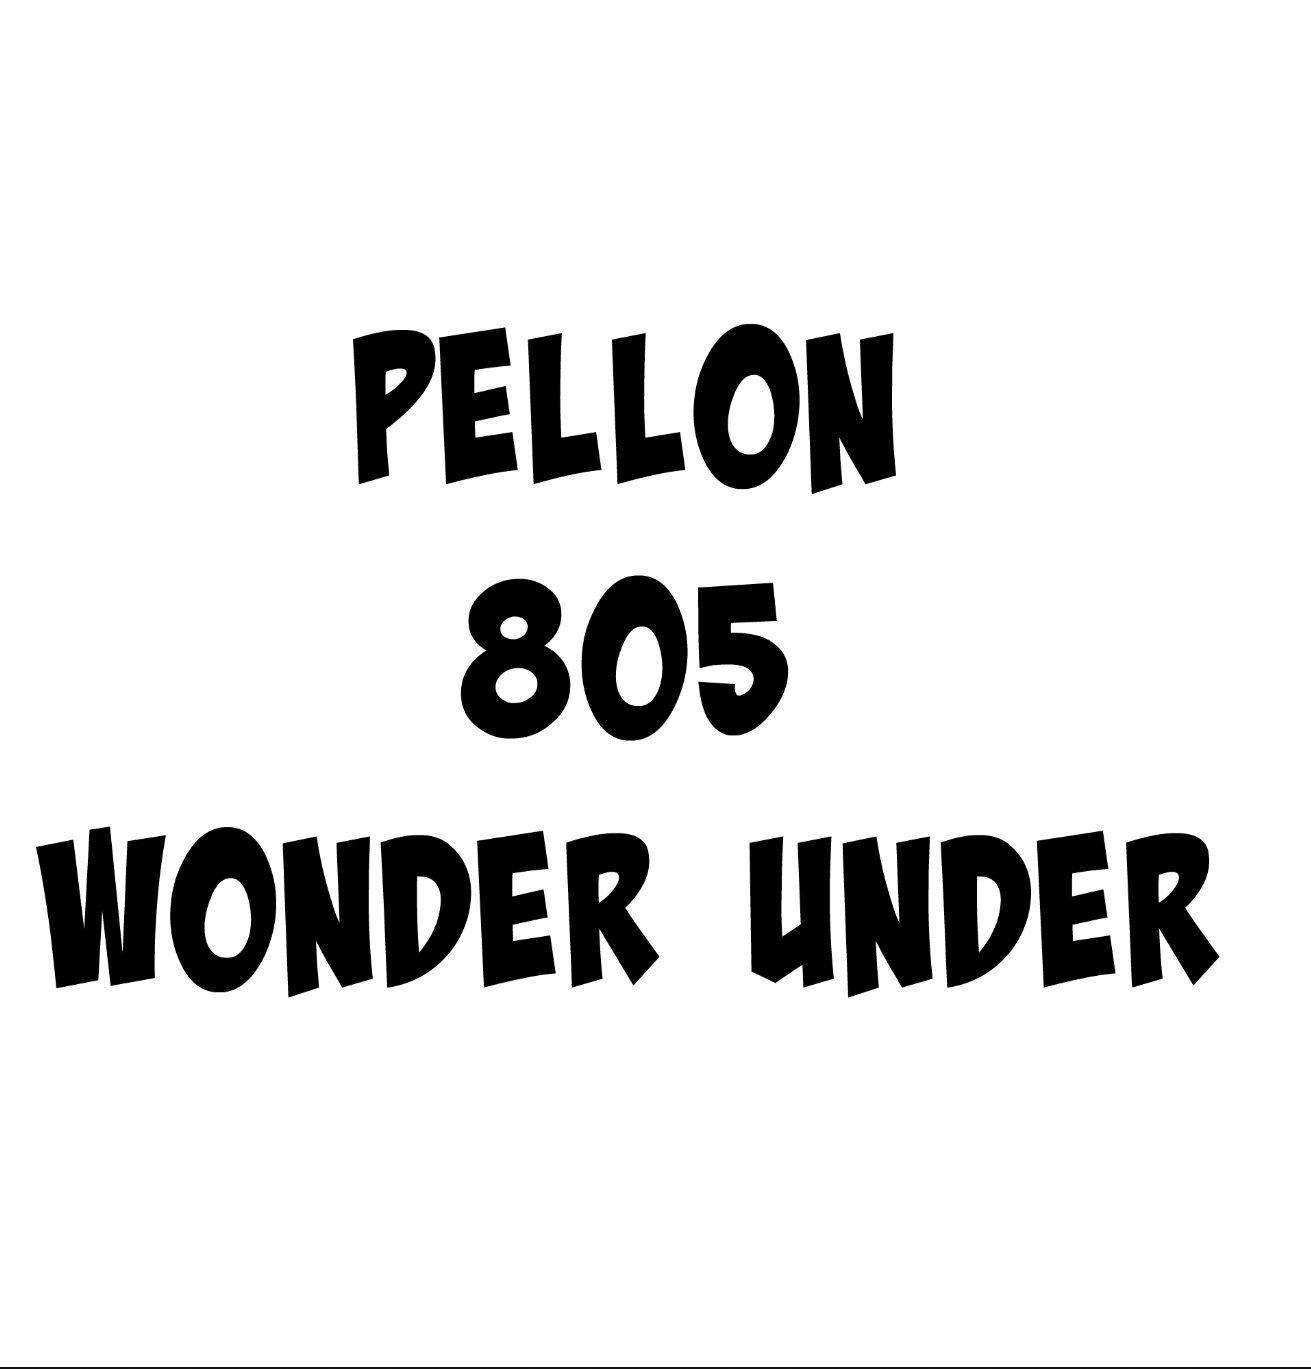 Pellon 805- Wonder Under